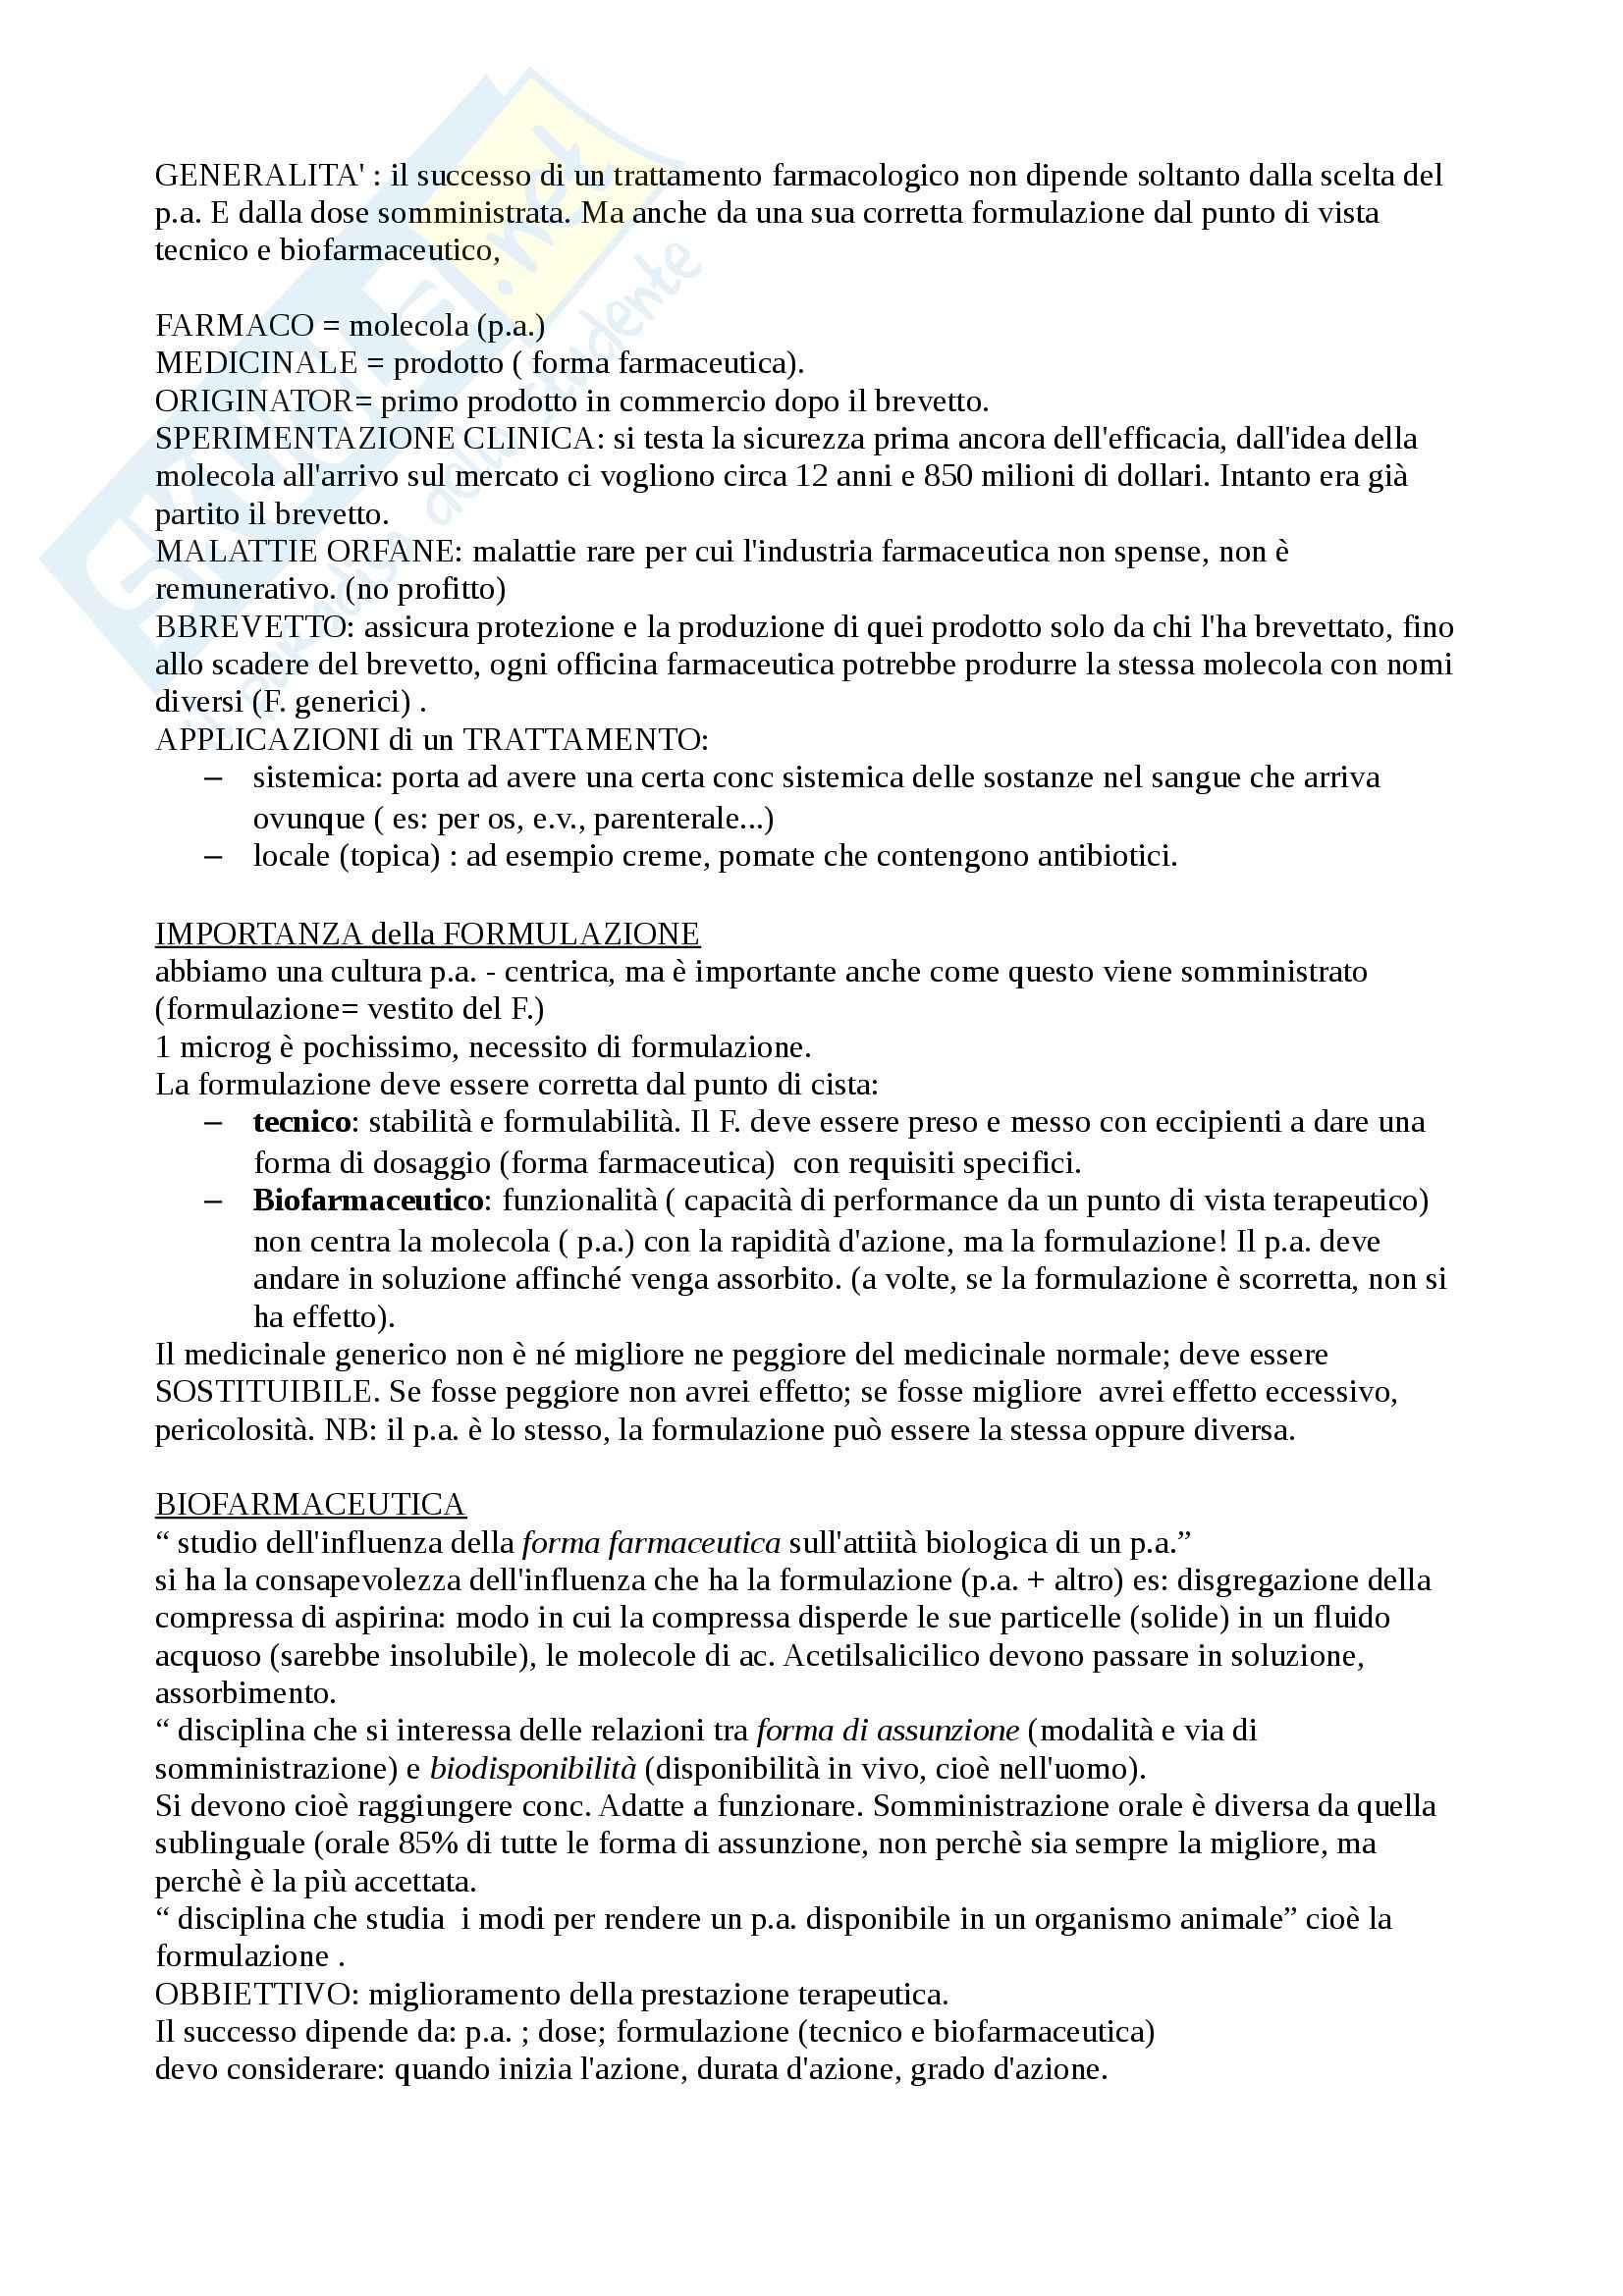 Tecniche farmaceutiche - Appunti